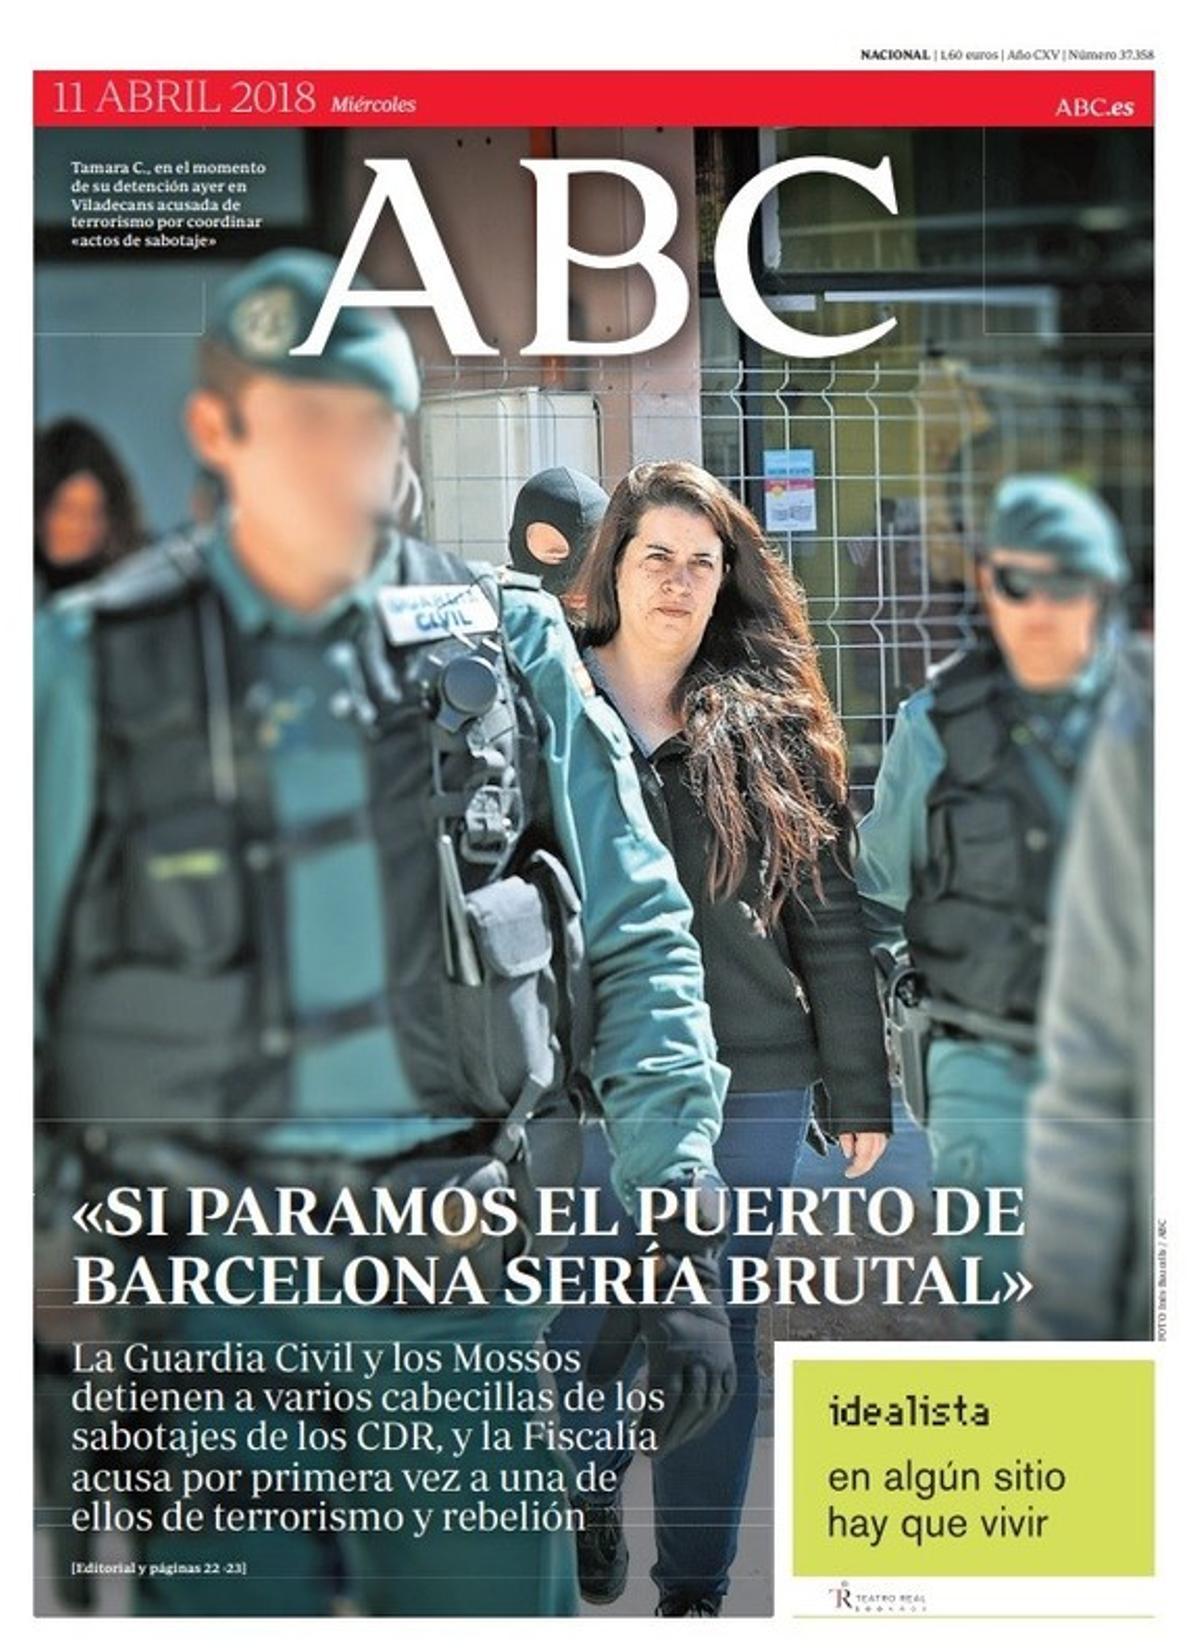 """""""Terrorismo separatista y callejero en Catalunya"""", proclaman 'Abc' y 'La Razón'"""